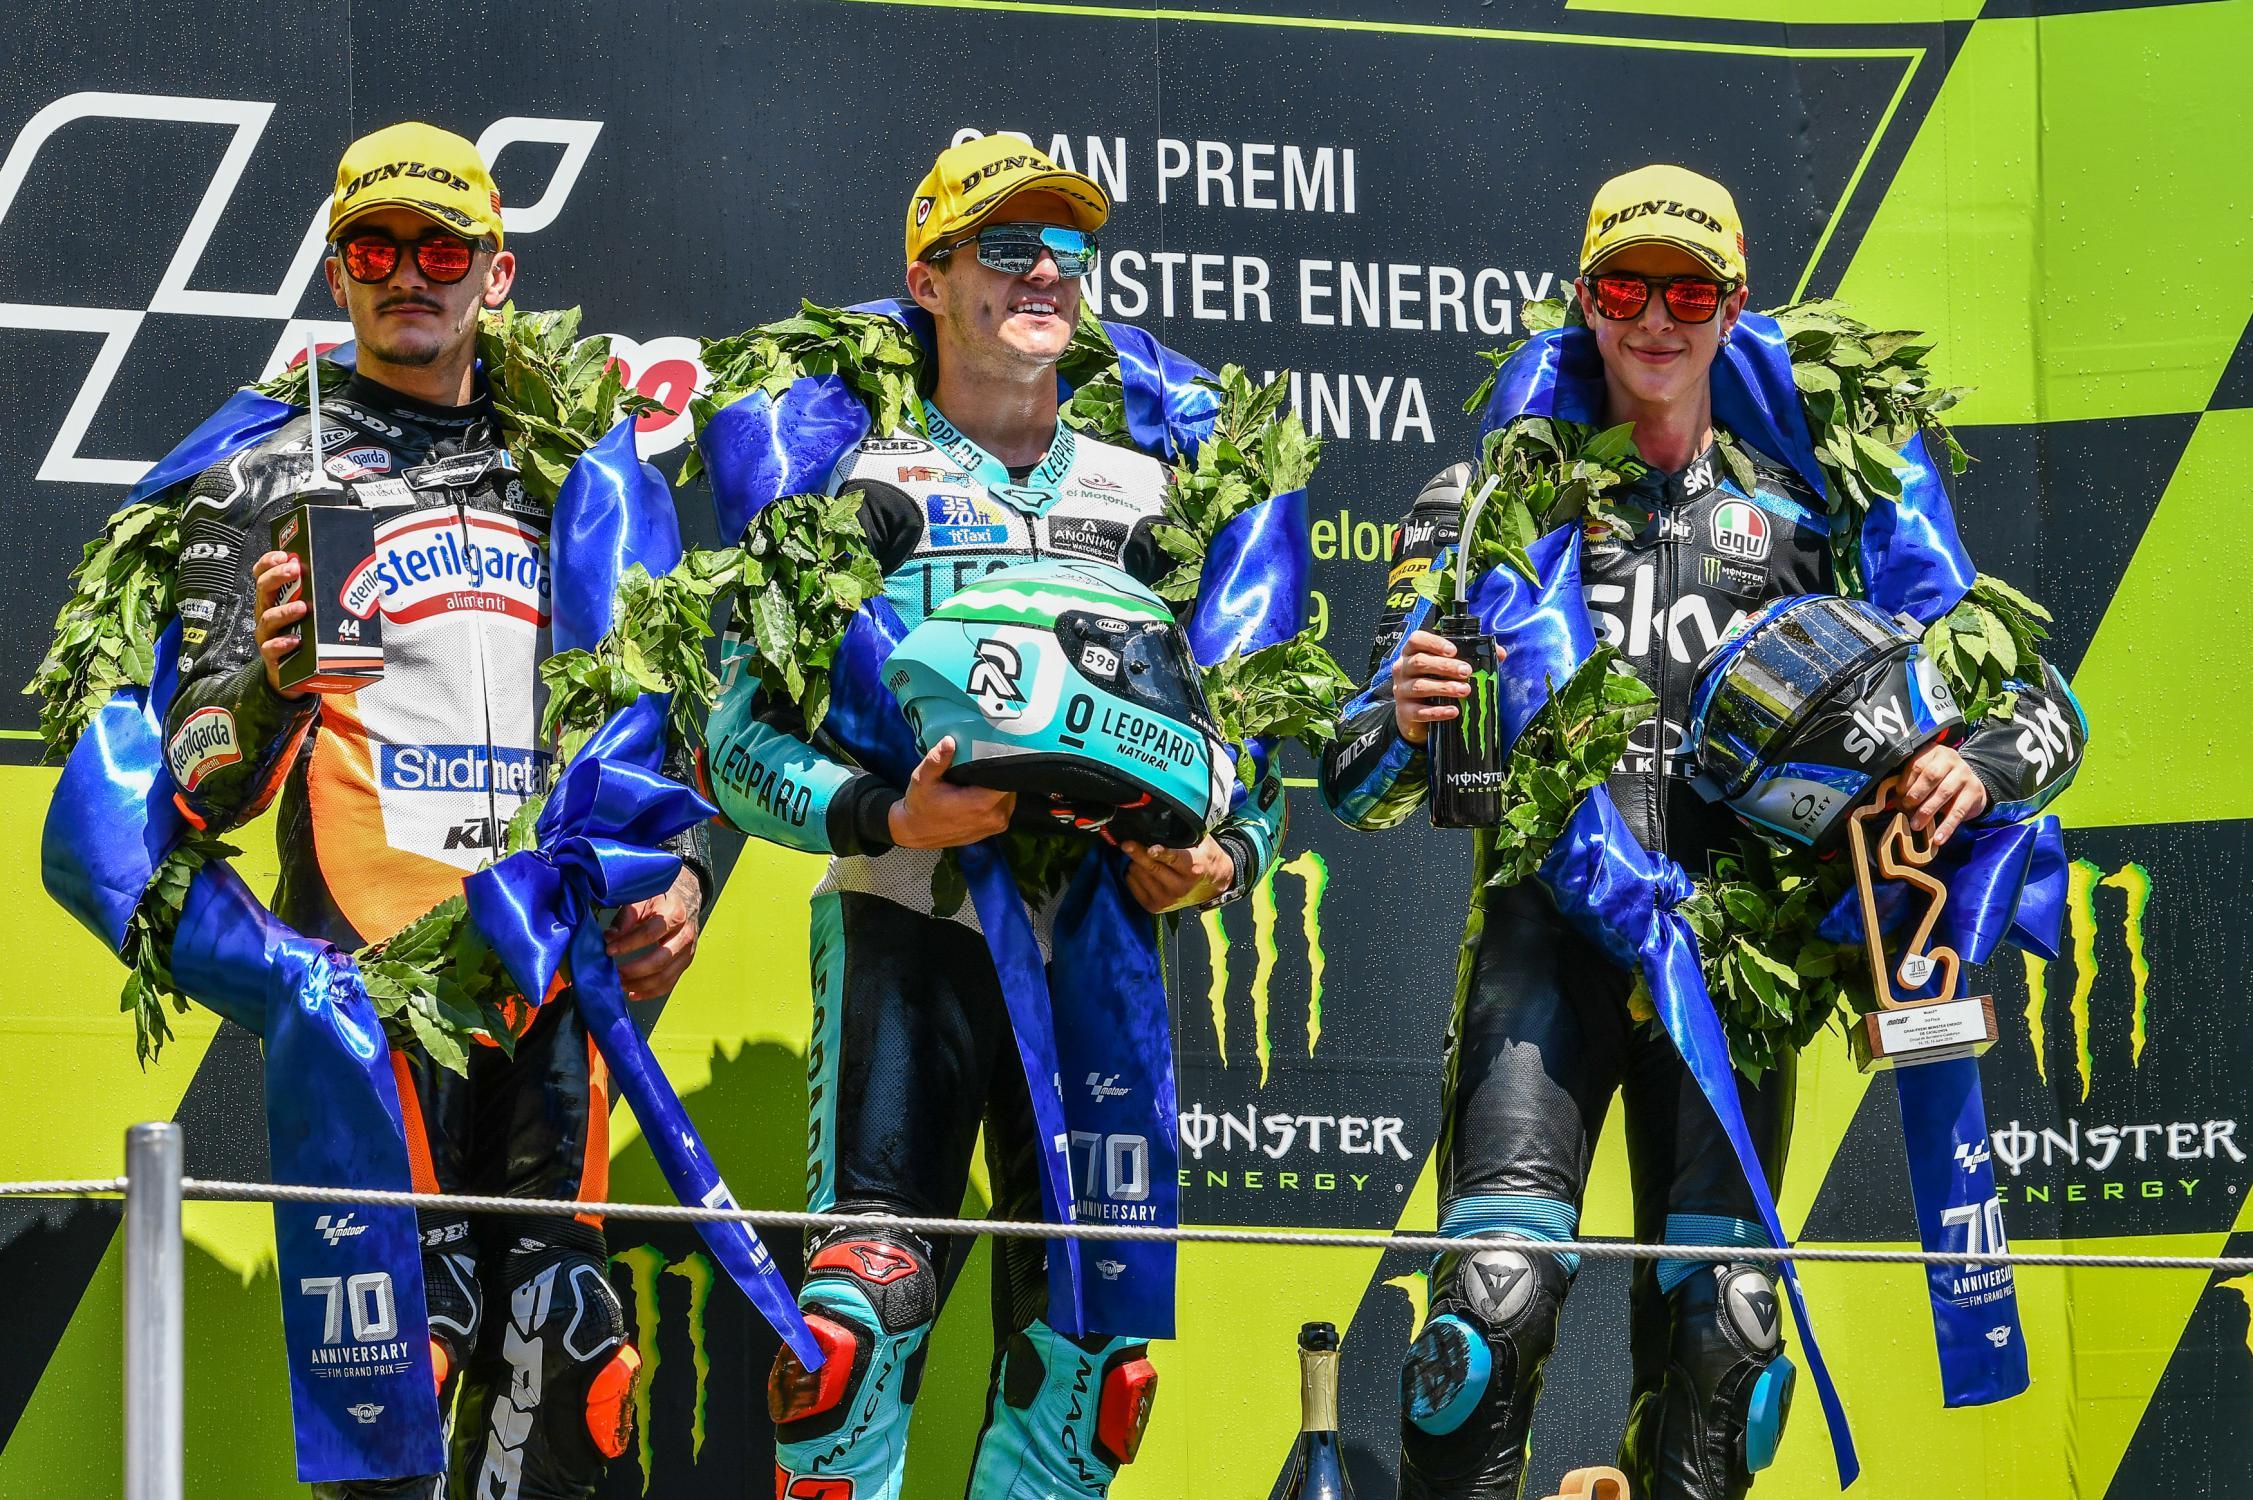 Moto3: Ramirez vence corrida de cortar a respiração